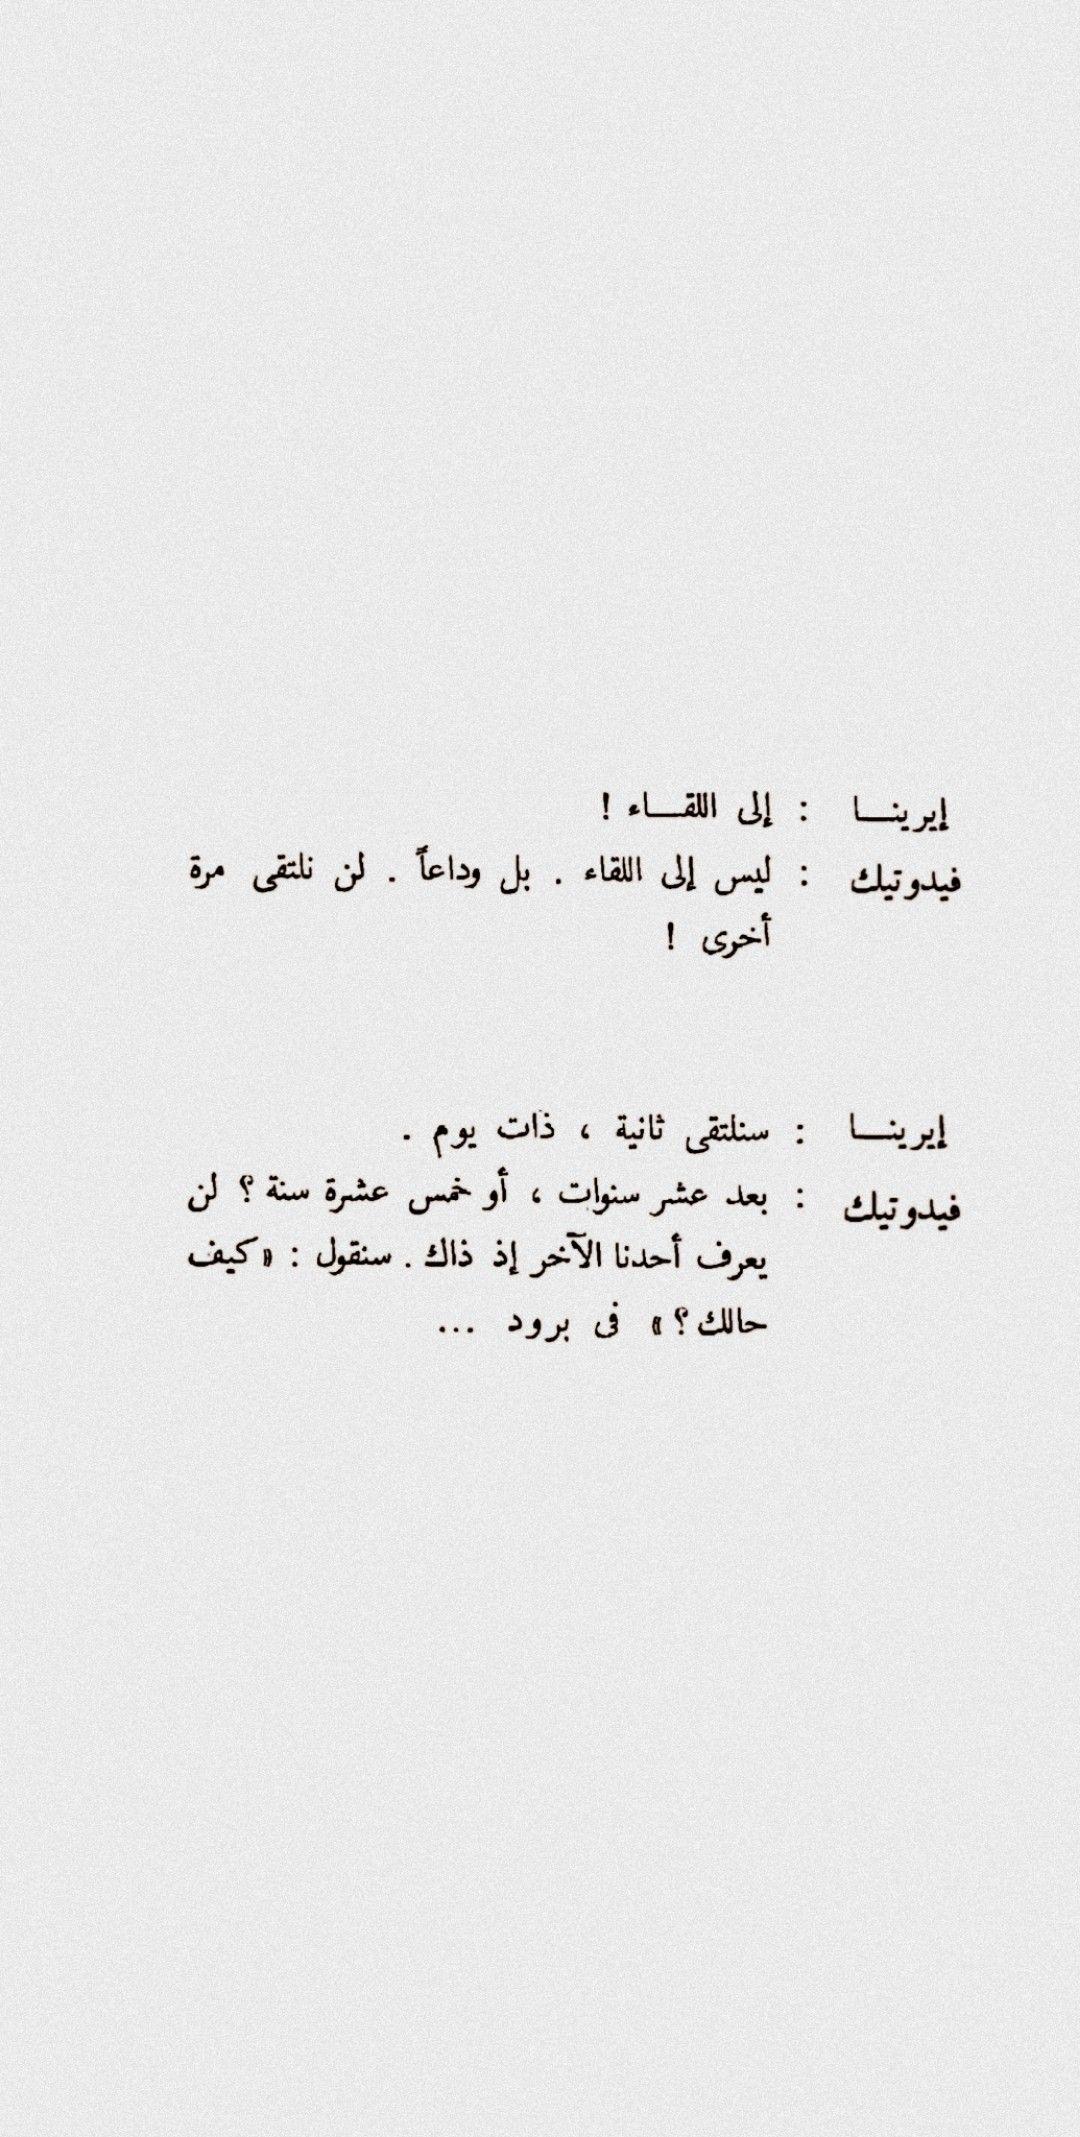 أنطون تشيخوف الأخوات الث لاث Wonder Quotes Words Quotes Arabic Love Quotes